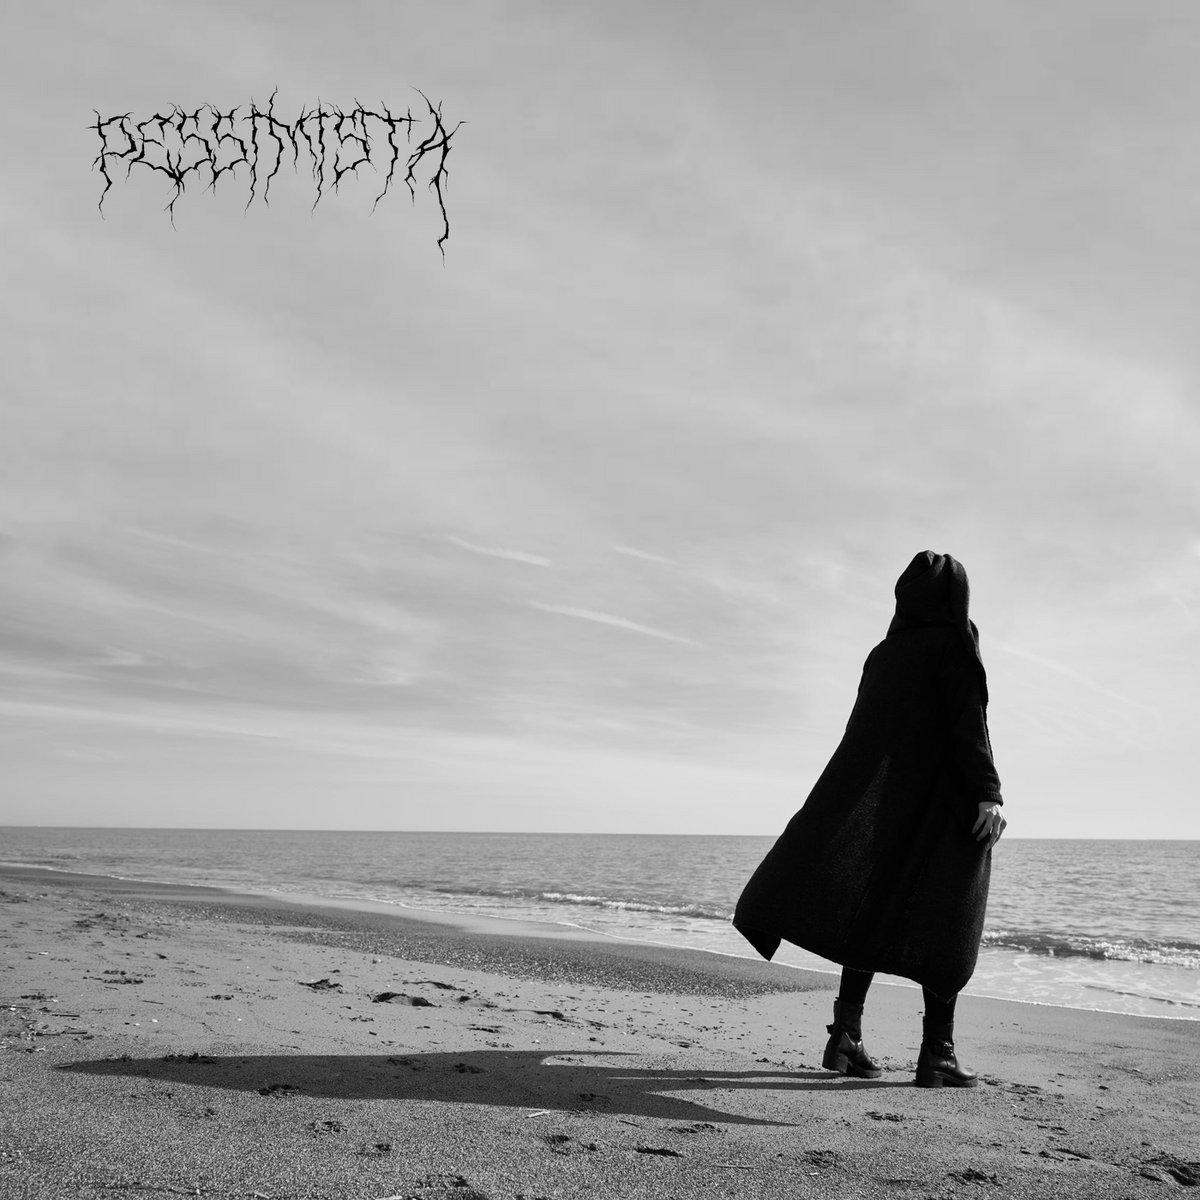 https://pessimista.bandcamp.com/album/pessimista